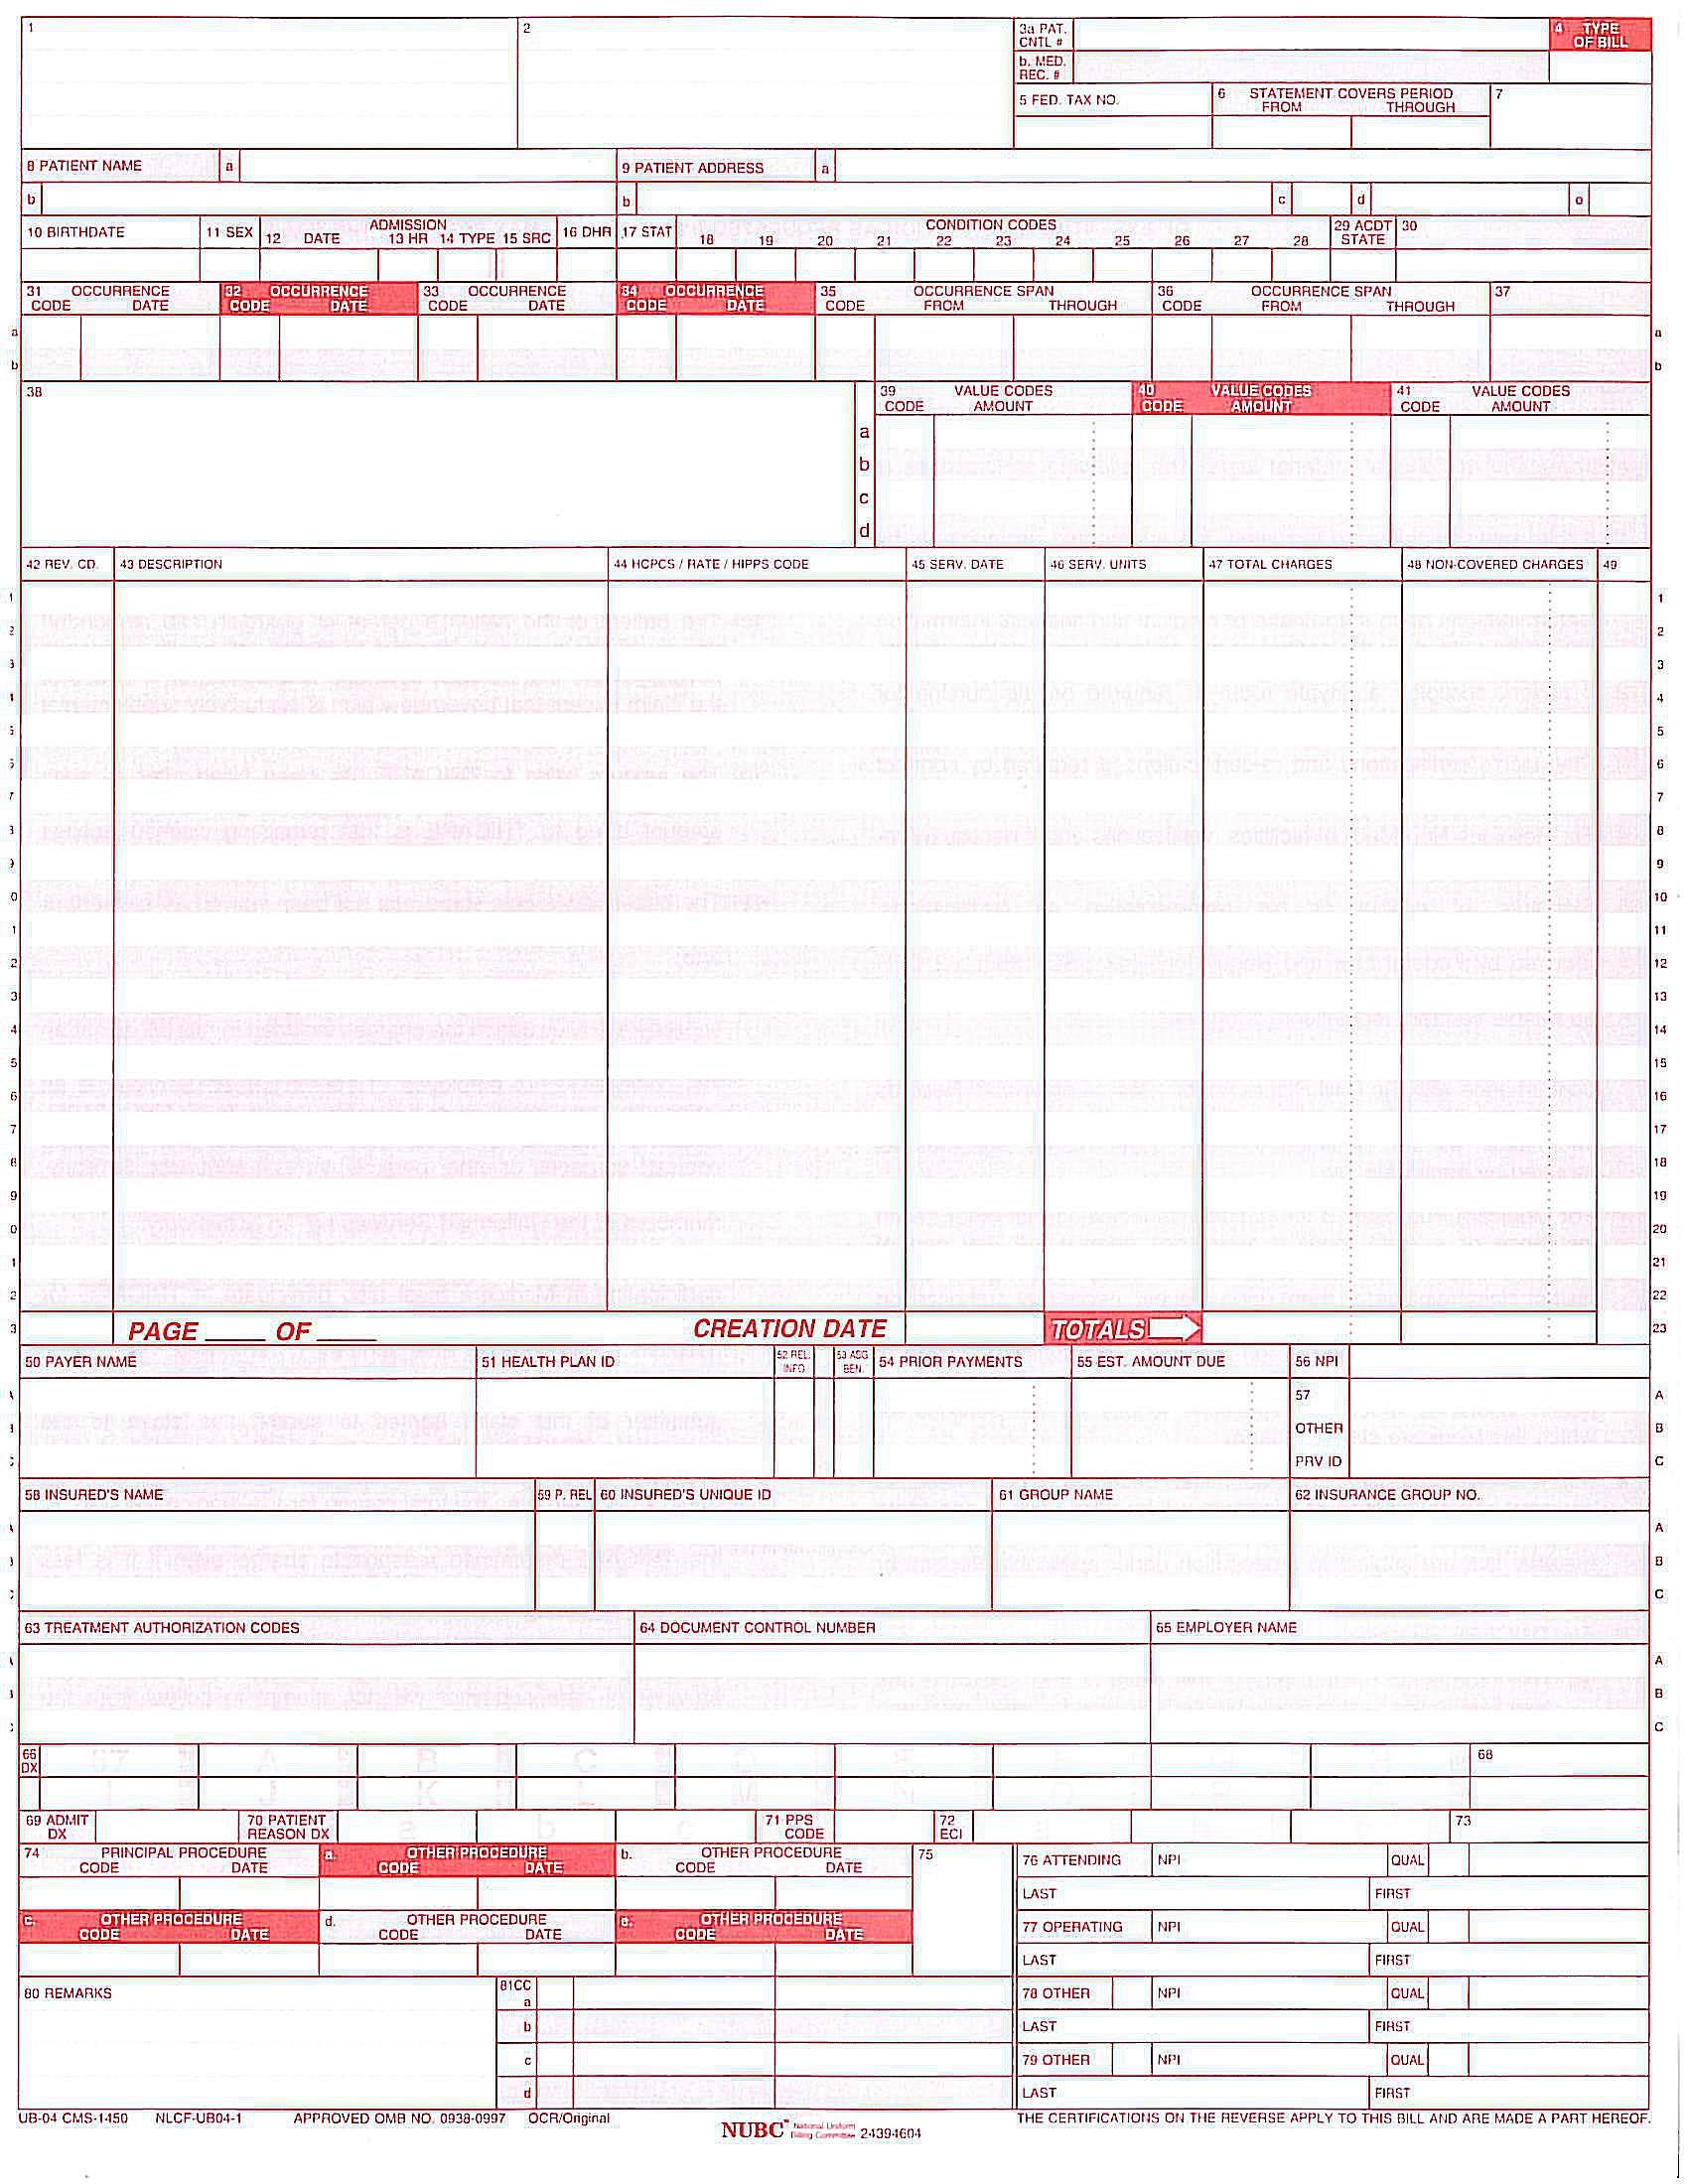 UB04-57a5d9773df78cf459cd0ef3 Medical Form Ub on eob medical form, ada medical form, hcfa medical form,